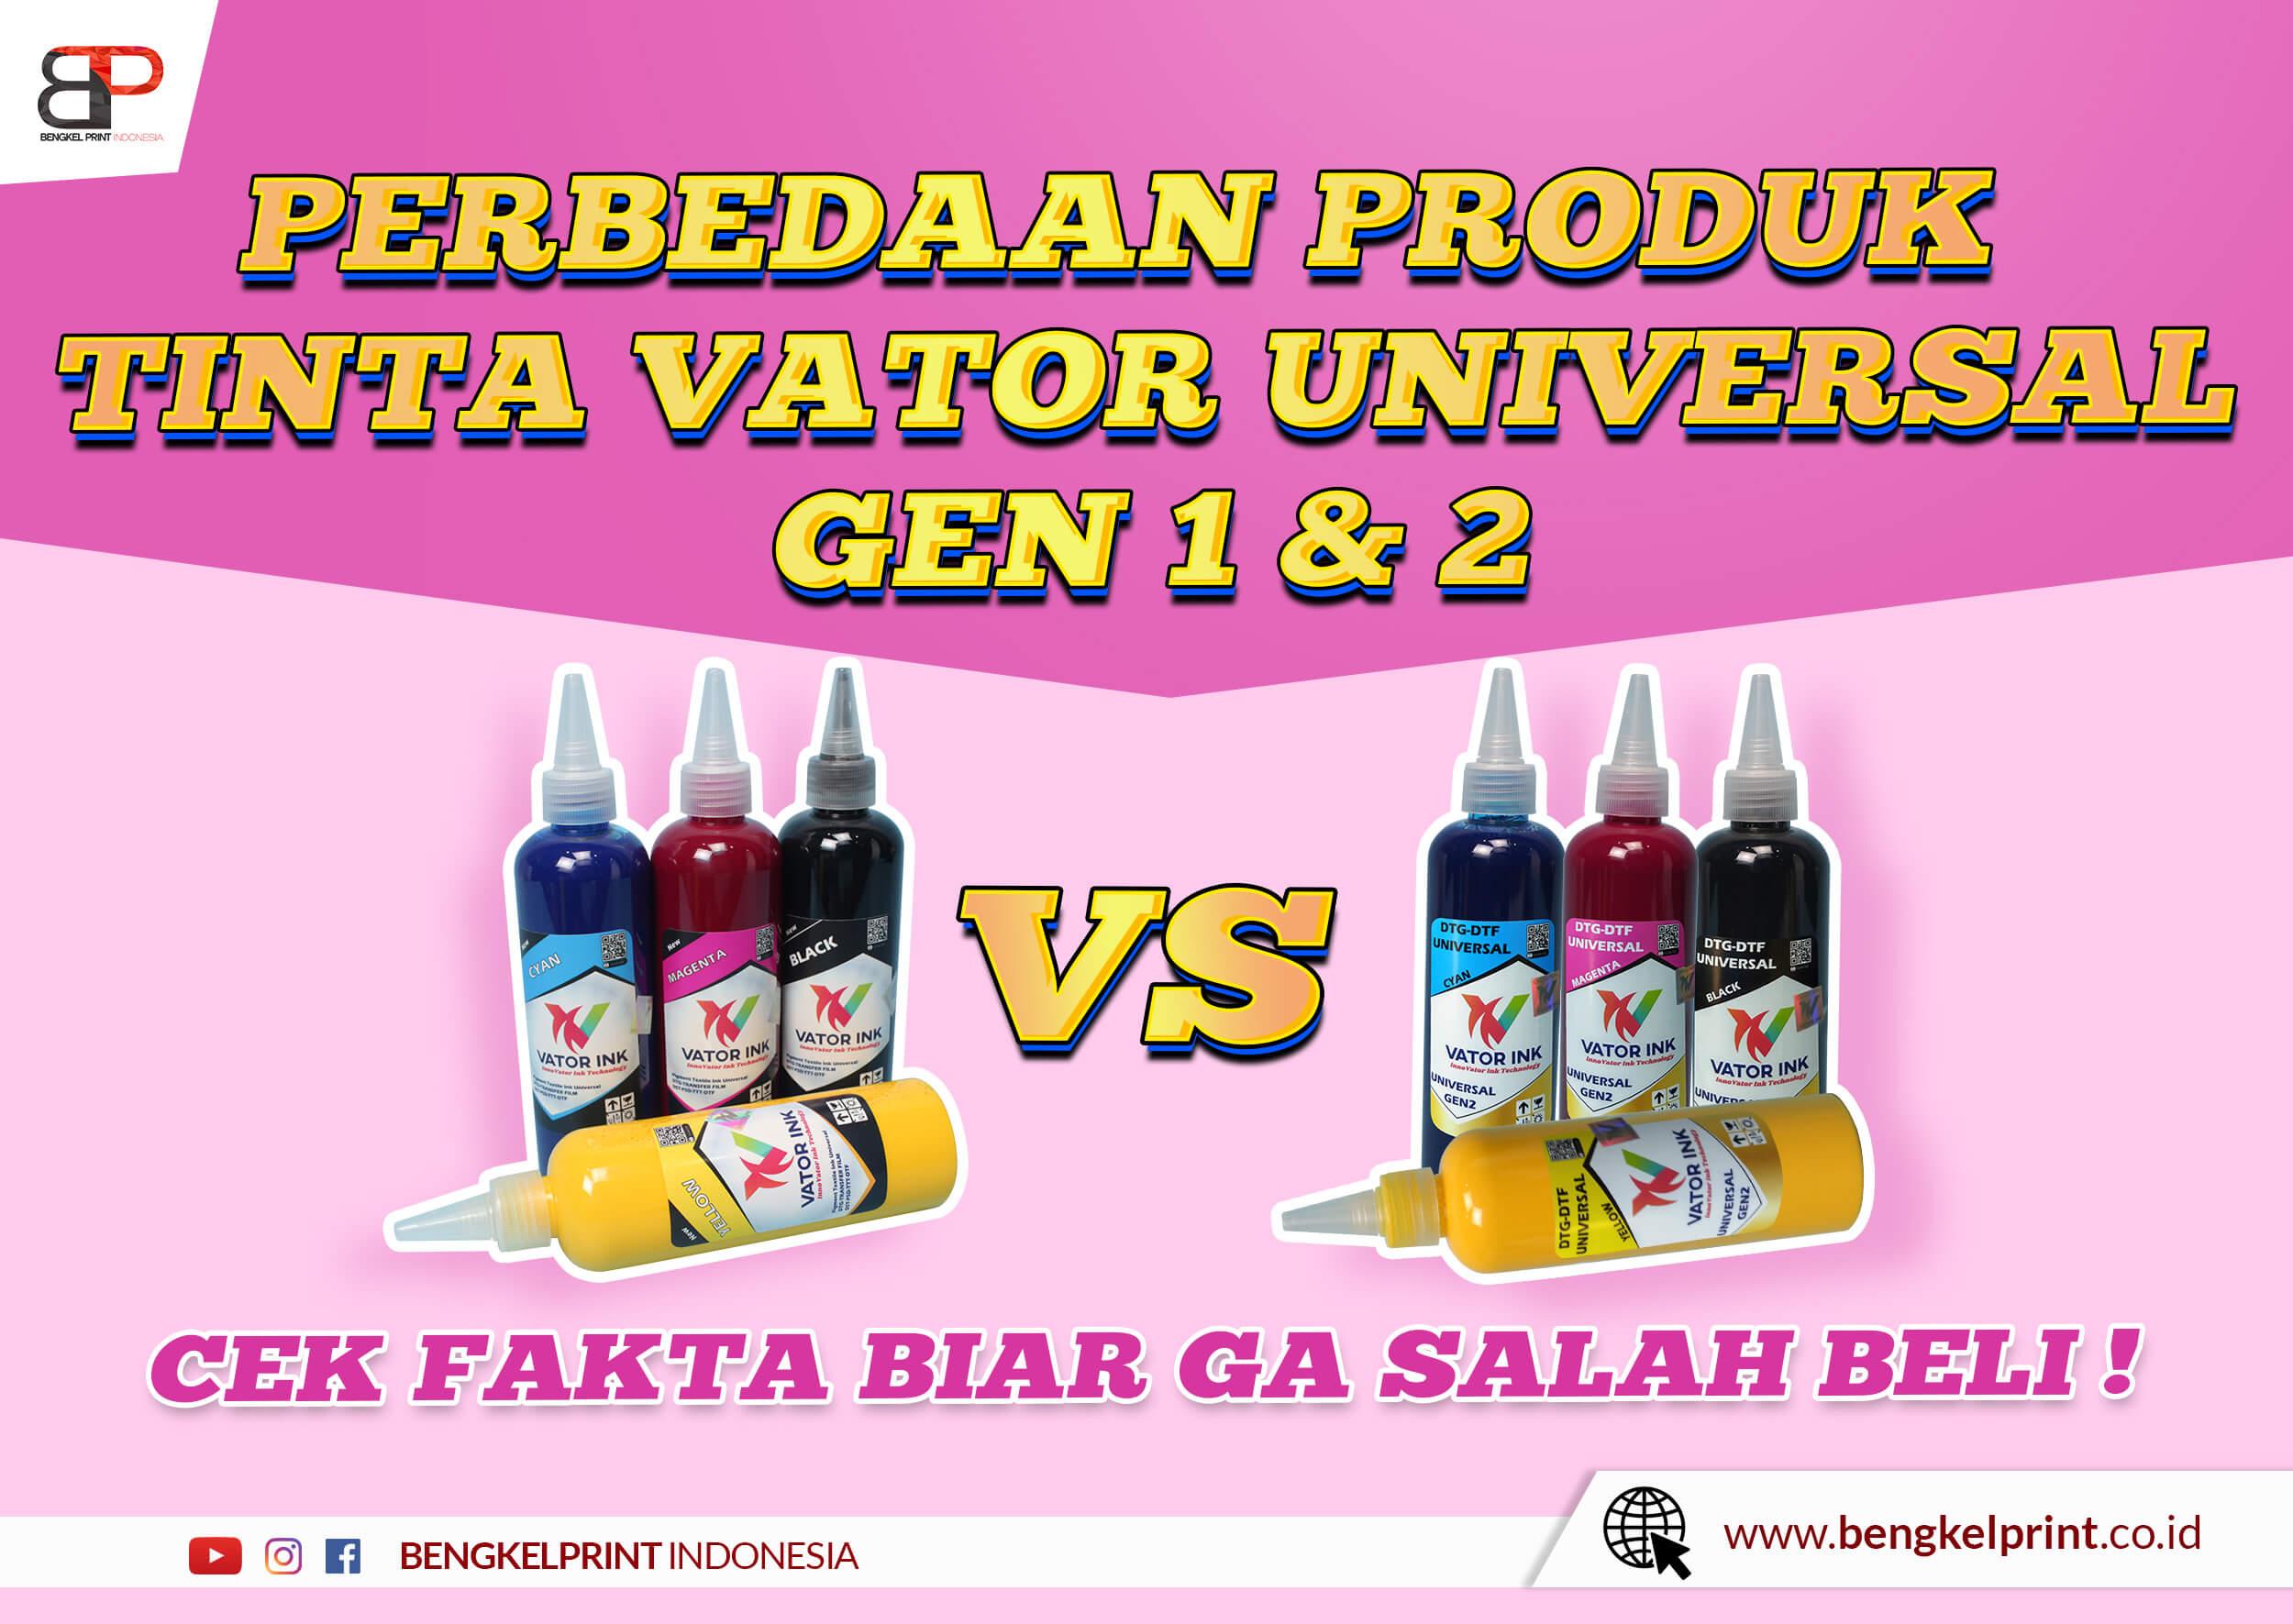 perbedaan tinta vator universal gen 1 dan 2